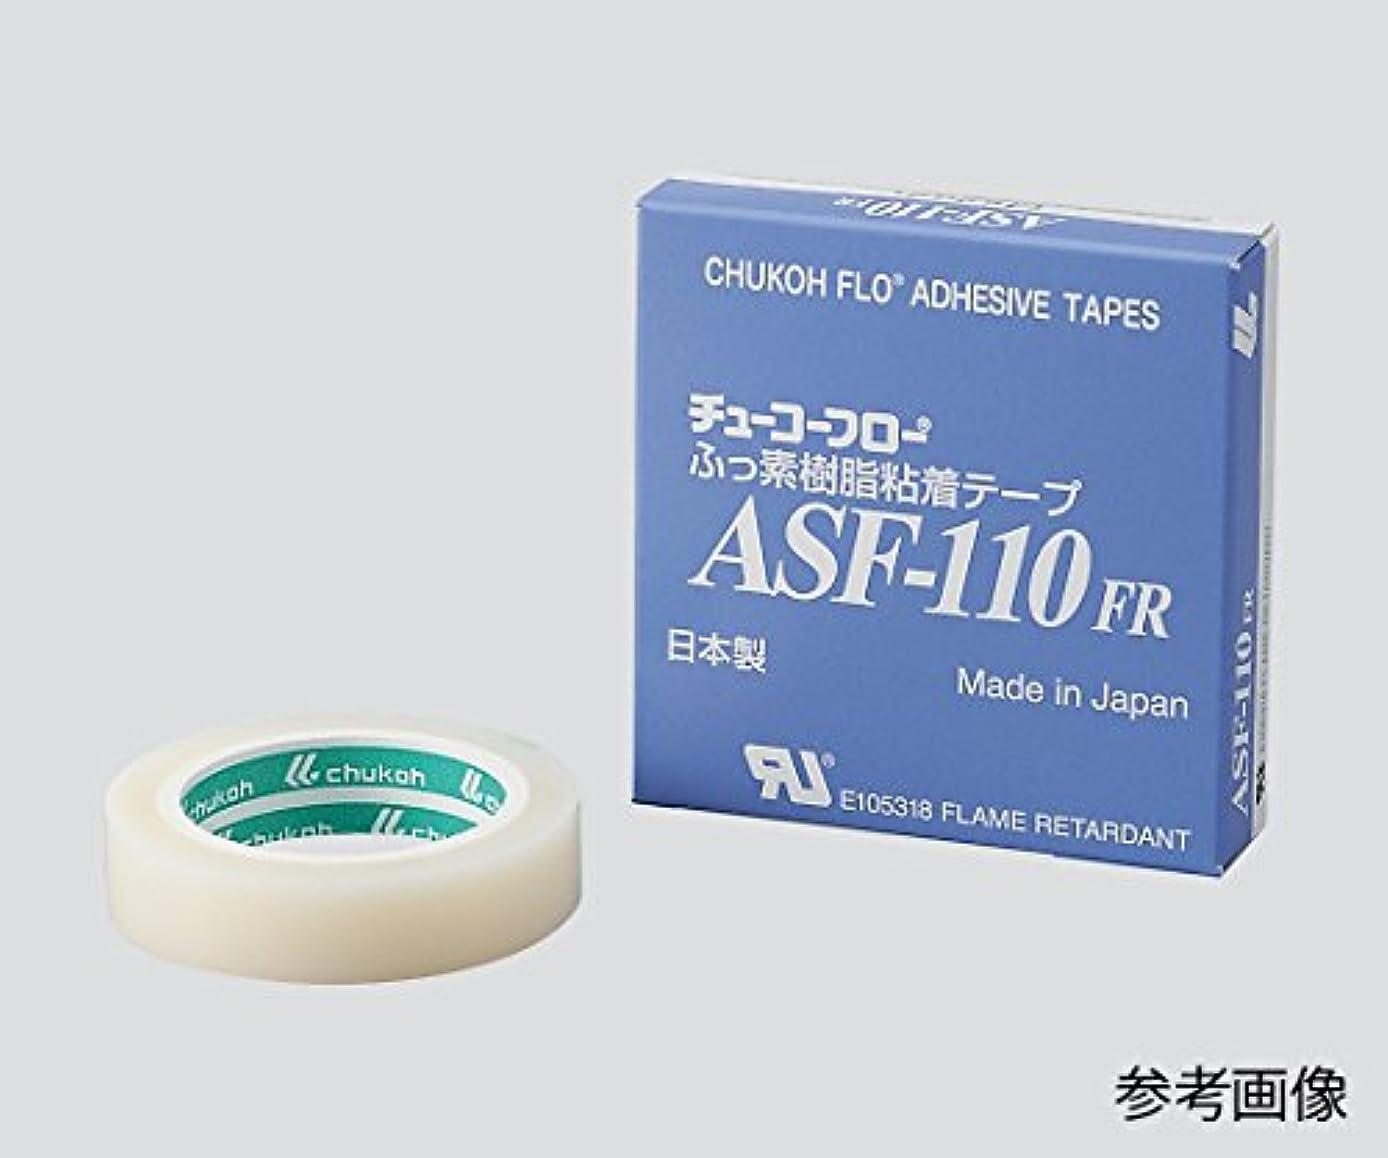 逃す航海のエスカレート中興化成工業 チューコーフロー粘着テープ ASF-110 8309